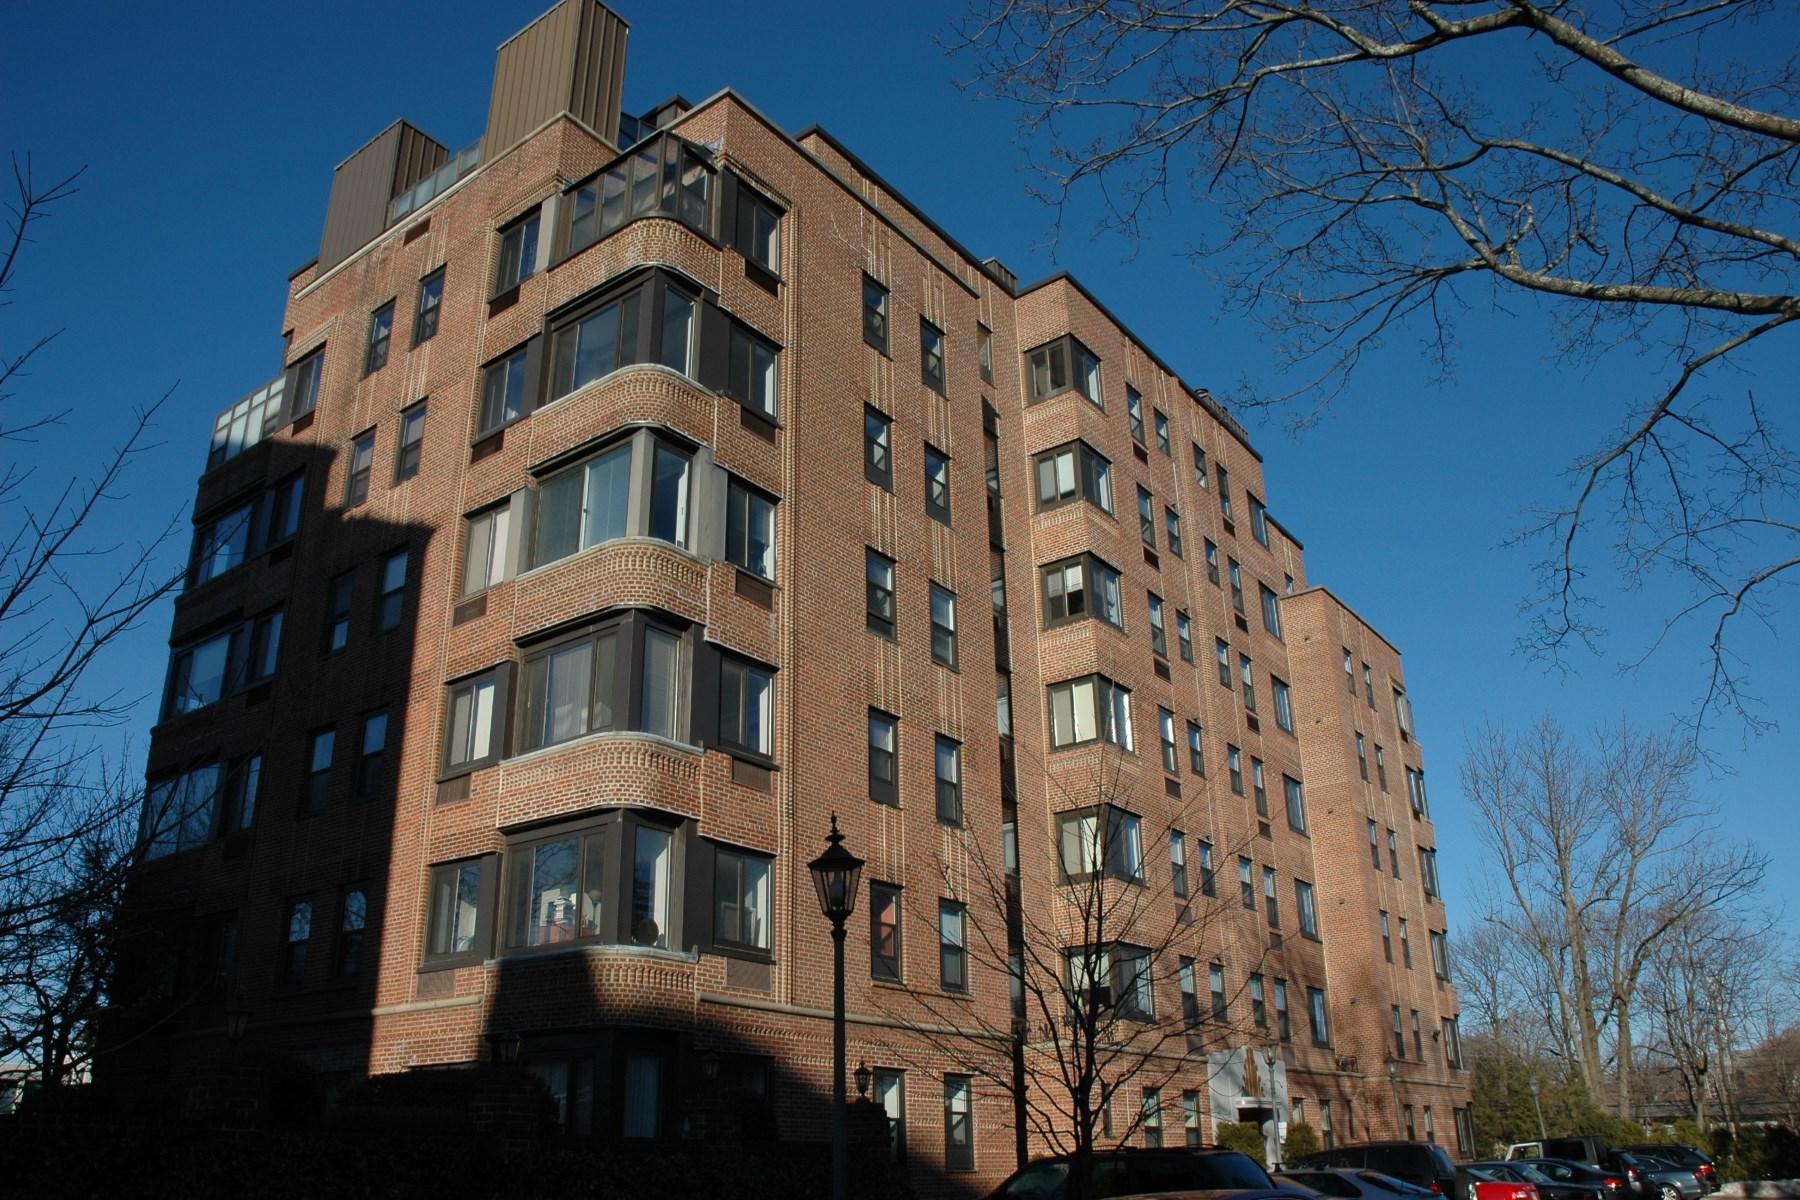 콘도미니엄 용 매매 에 Superbly Unique 15 Lafayette Court, Unit 1d Central Greenwich, Greenwich, 코네티컷, 06830 미국